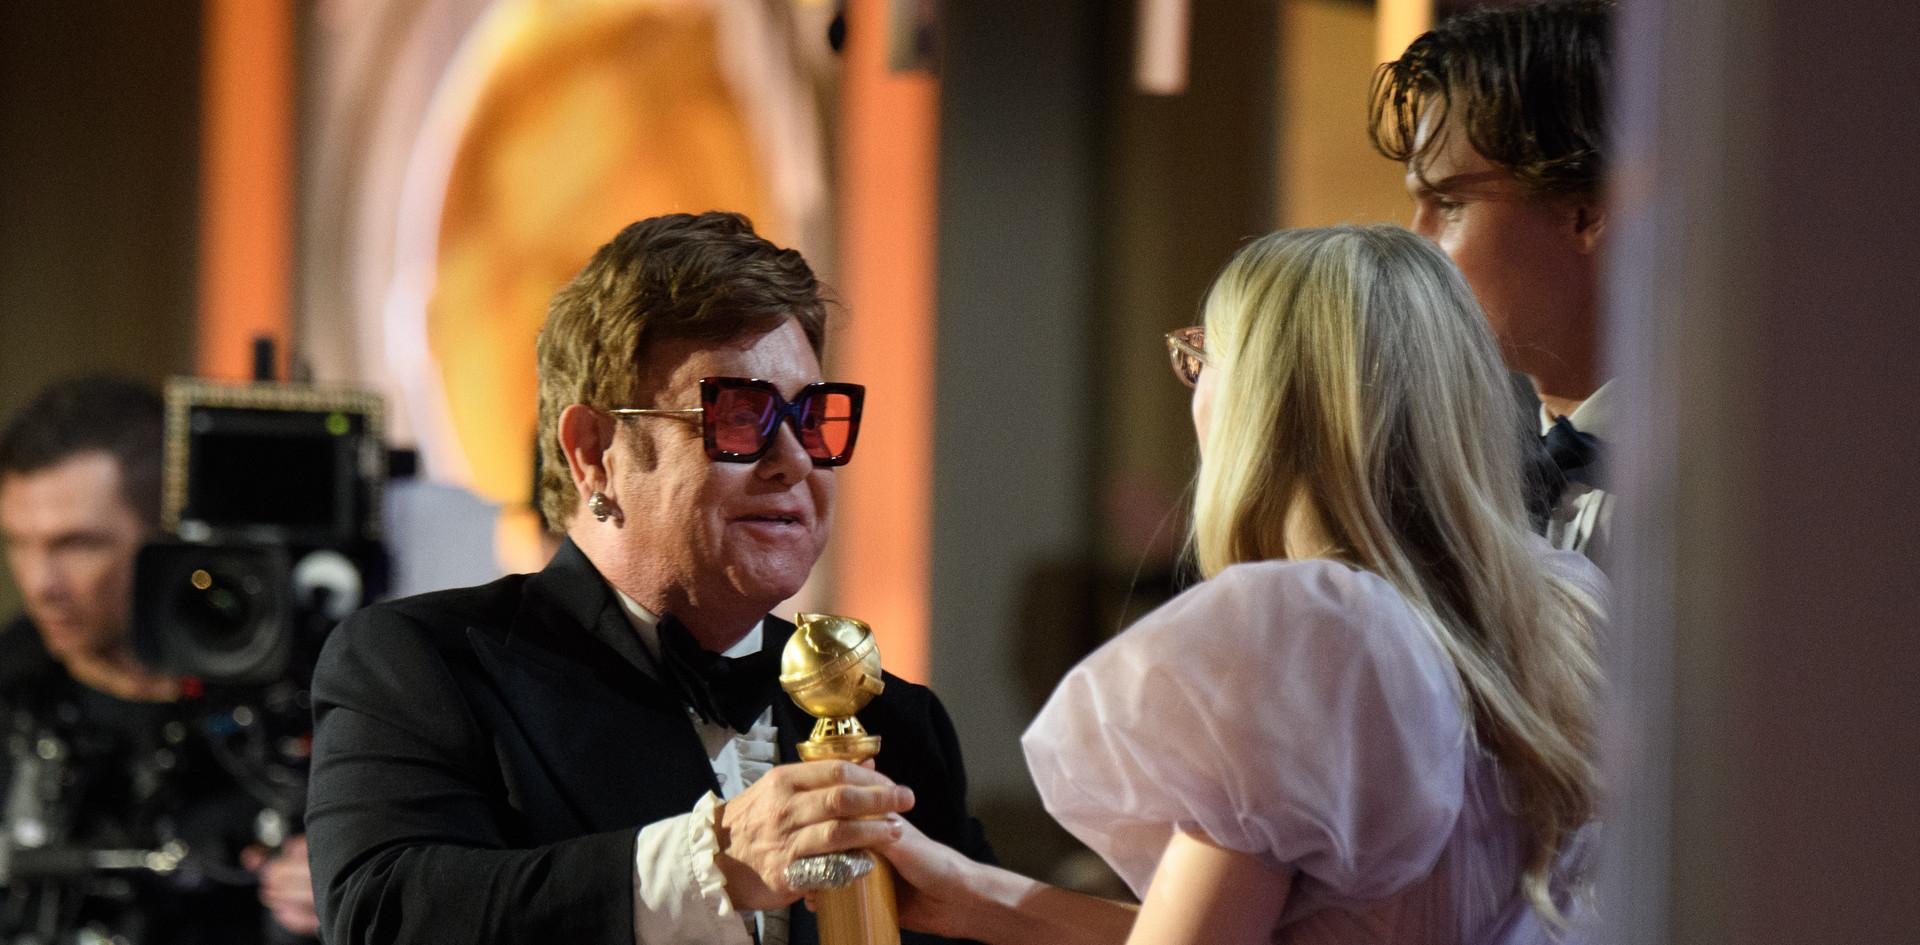 """Elton John recebendo de Ansel Elgort e de Dakota Fanning o Golden Globe pela Melhor Música Original do Filme: """"Rocketman"""", na cerimónia da entrega dos Golden Globes no 77th Annual Golden Globes Awards no Beverly Hilton em Beverly Hills, CA. Fotografia: HFPA Photographer."""